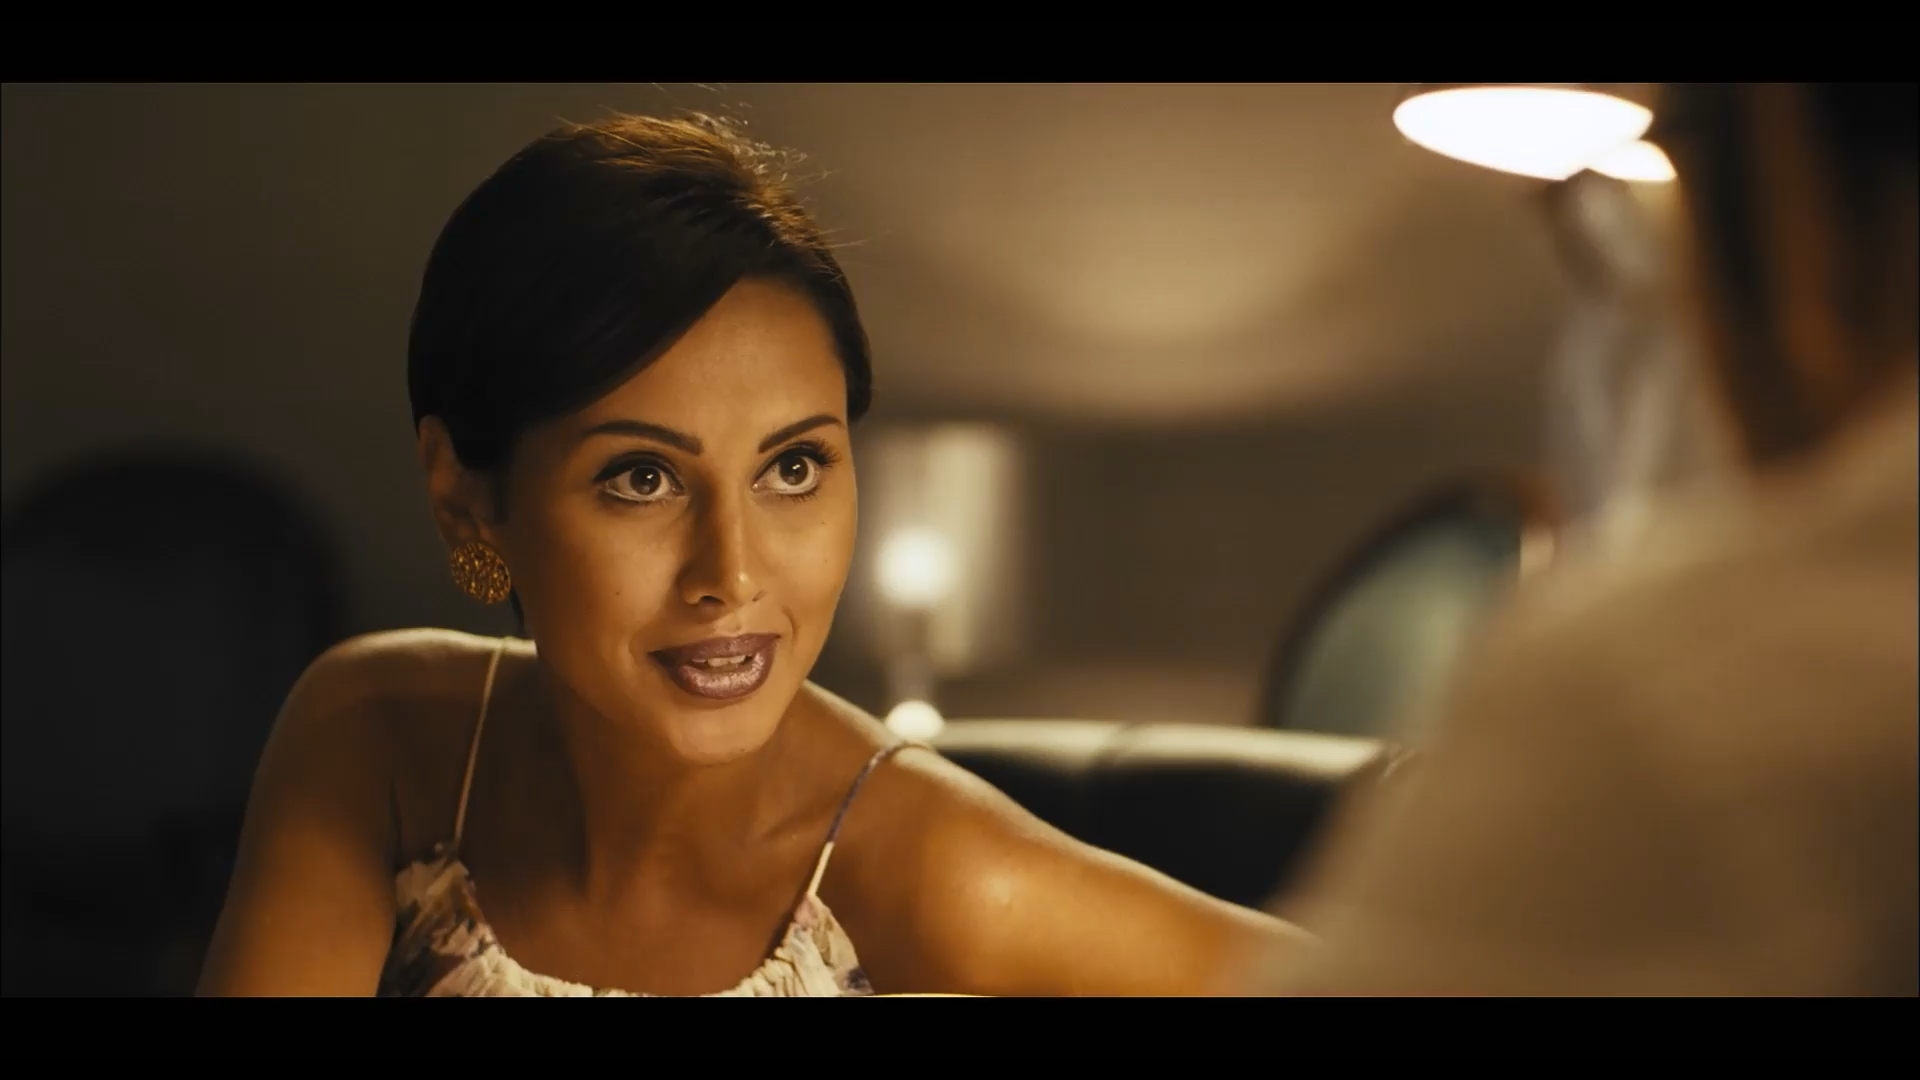 [فيلم][تورنت][تحميل][واحد صحيح][2011][1080p][Web-DL] 3 arabp2p.com